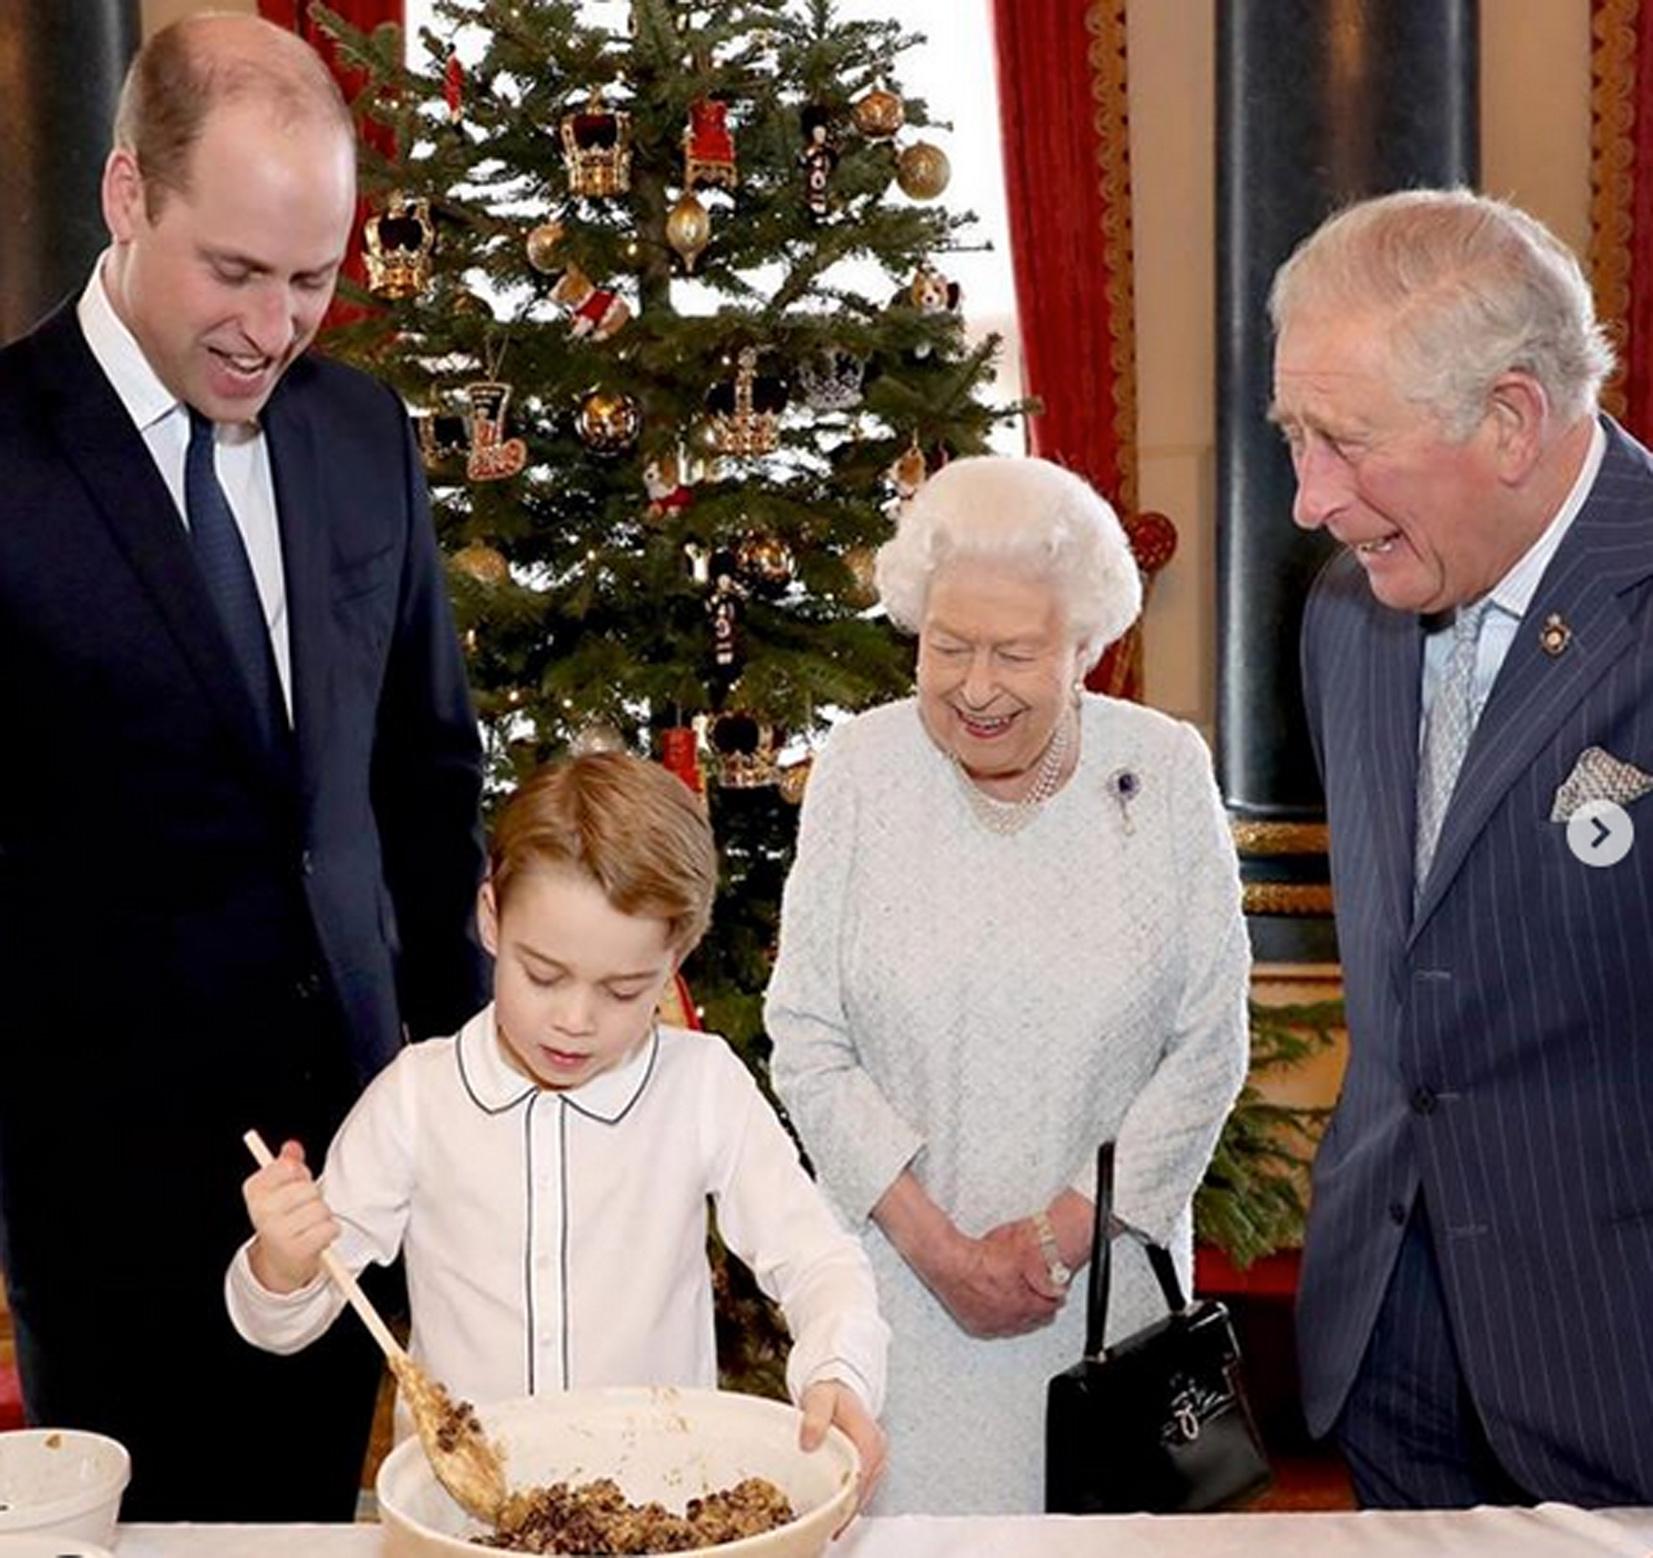 Príncipe William Reina Isabel príncipe Carlos príncipe George